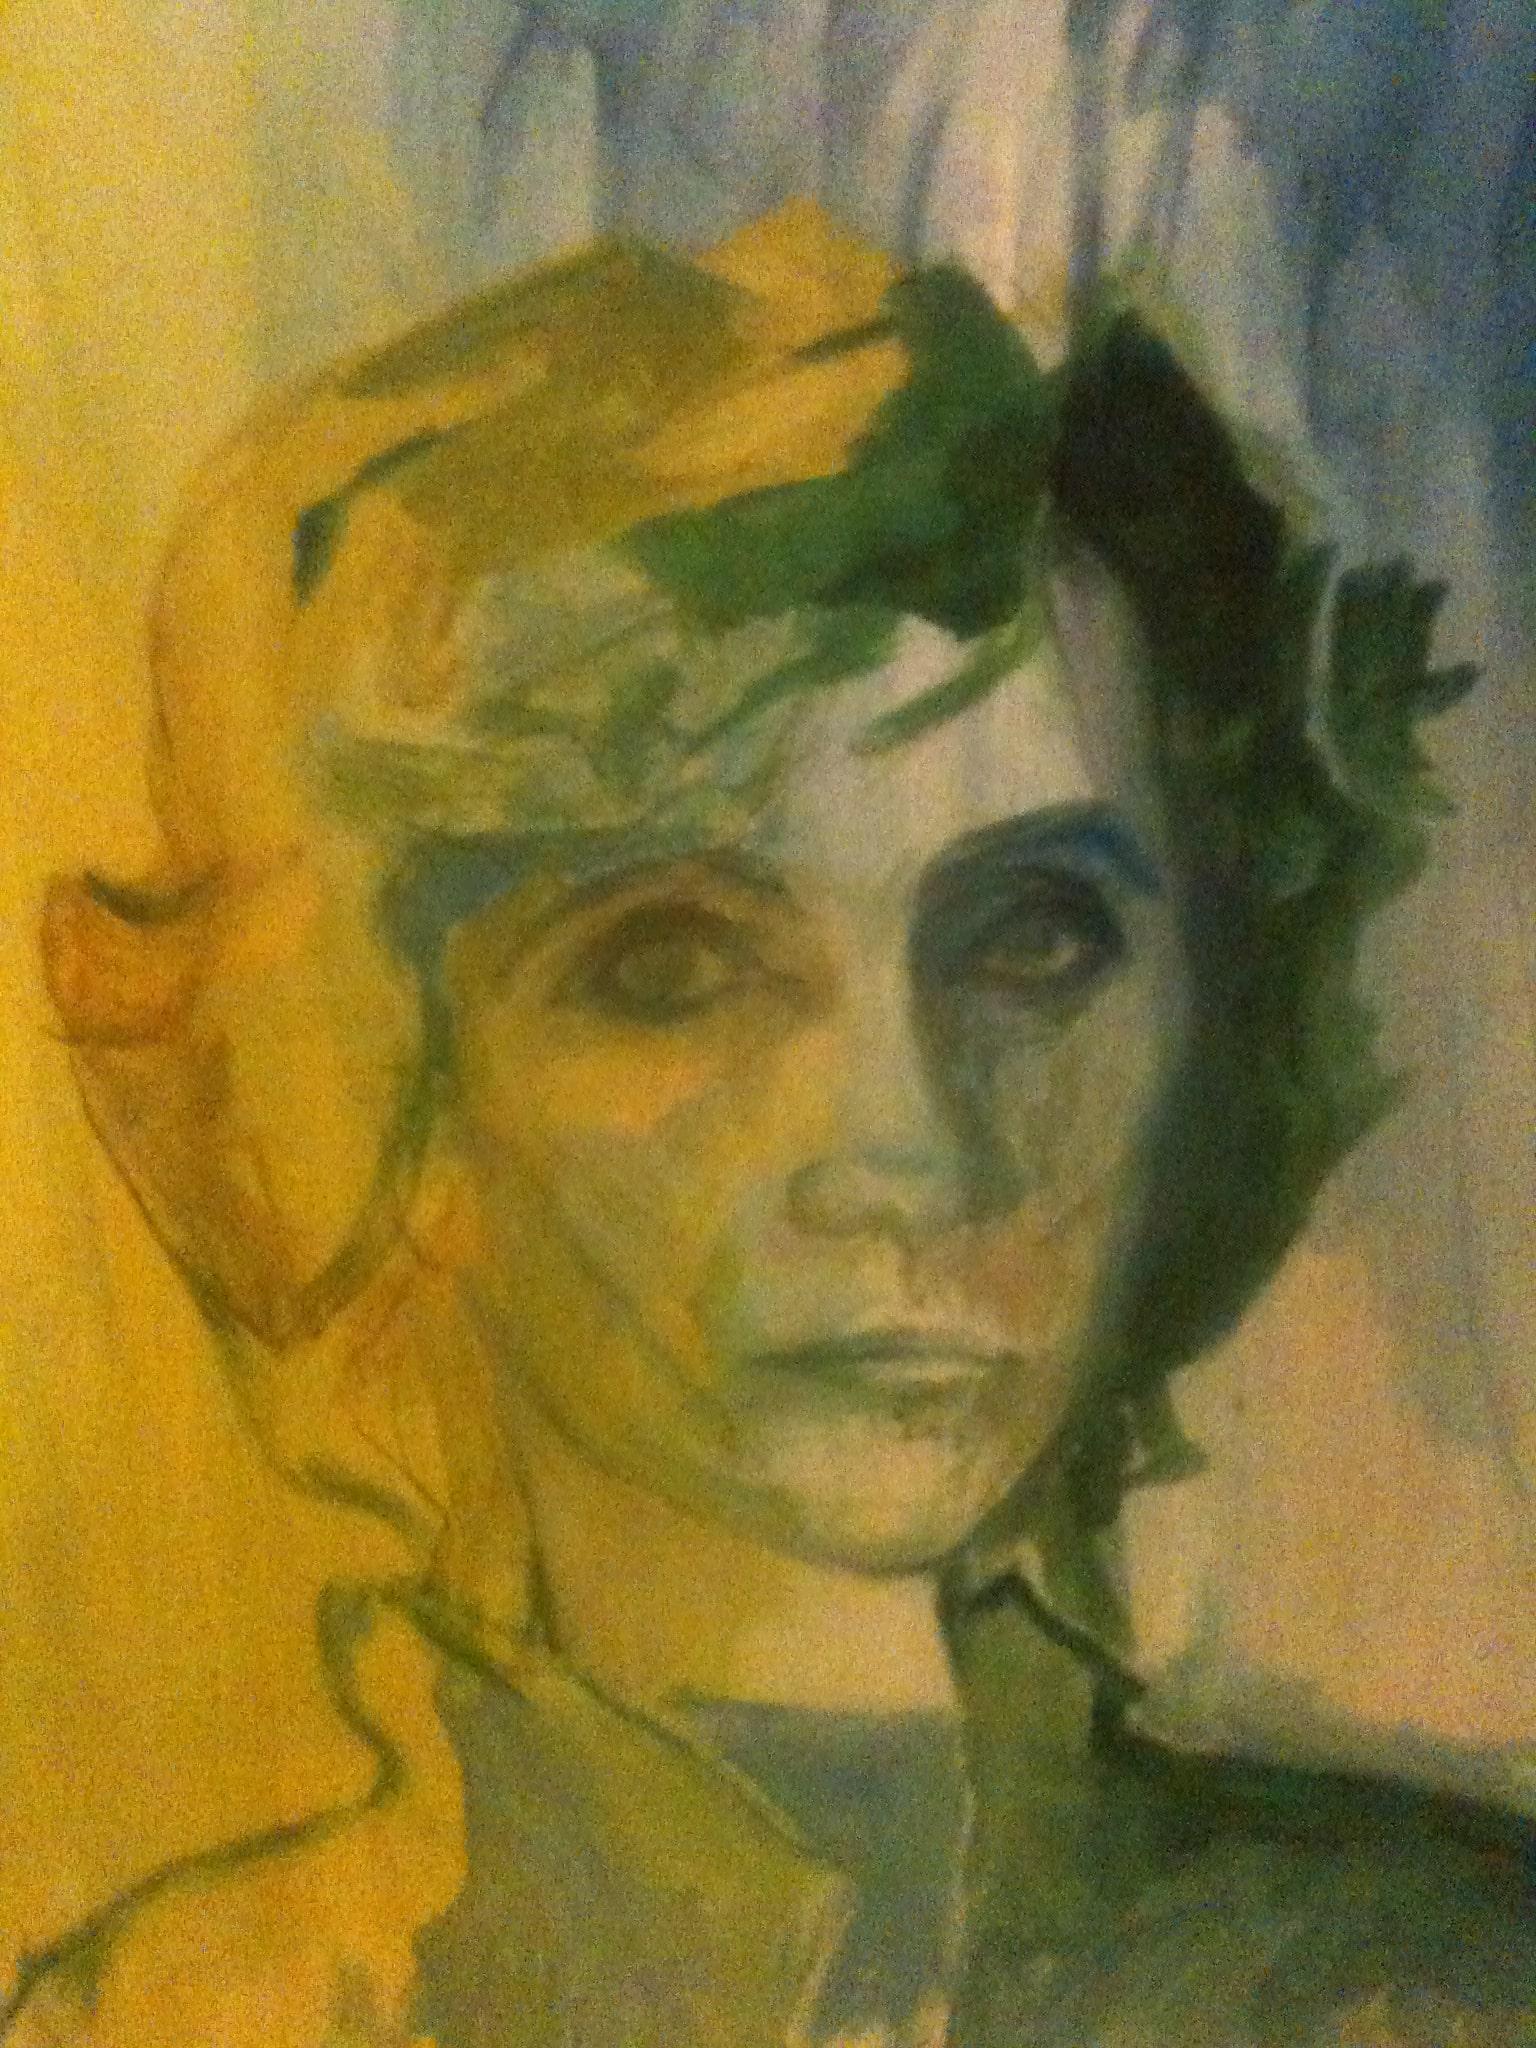 Hôtes et artistes en poitou - Autoportrait, huile sur papier